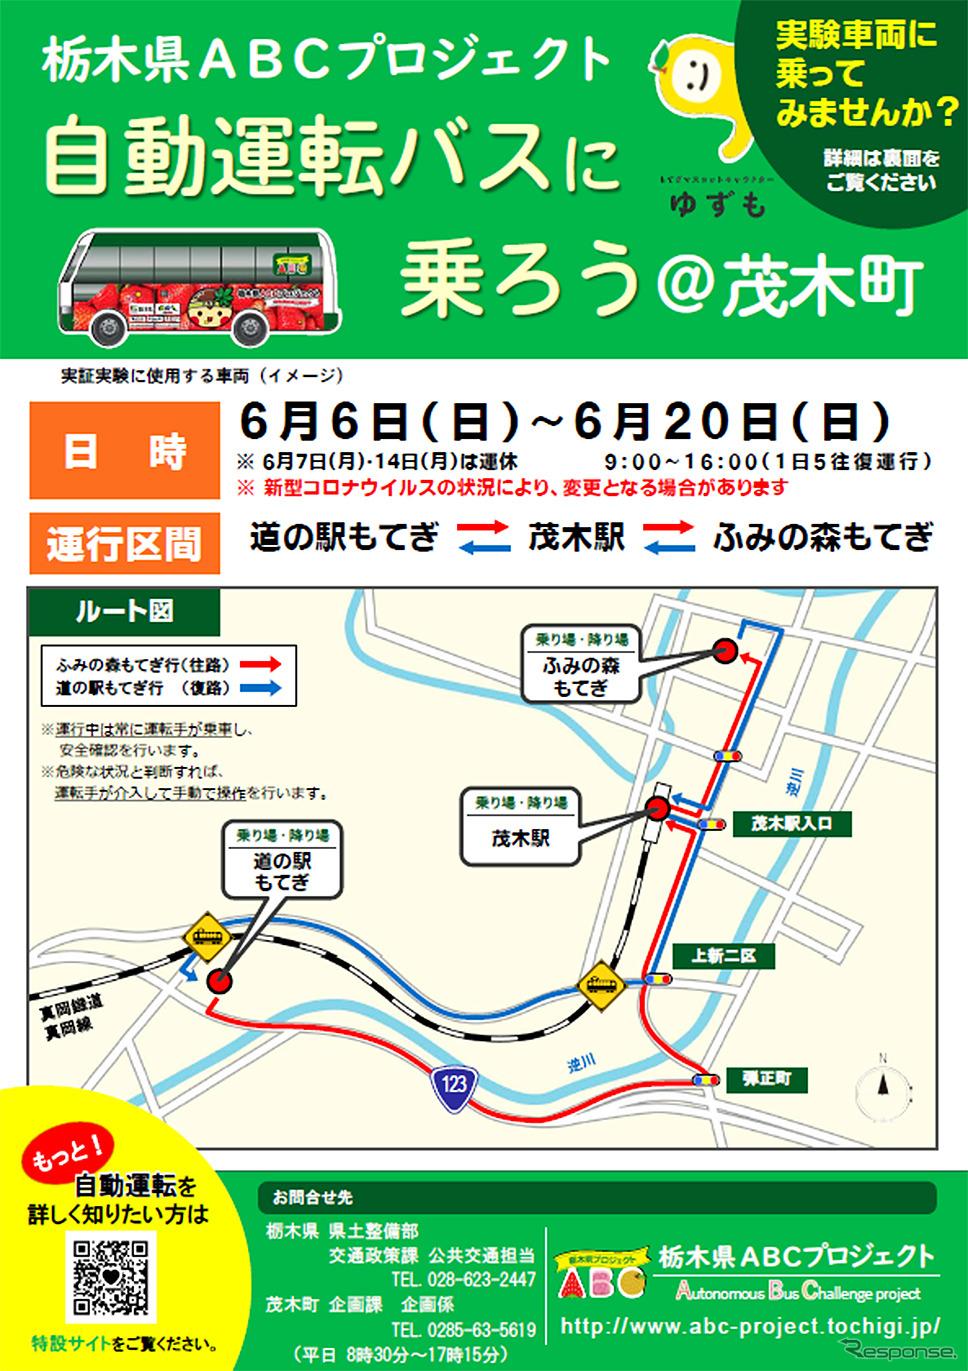 栃木県茂木町で6月6〜20日、栃木県ABCプロジェクト「自動運転バスに乗ろう@茂木町」実施(画像:栃木県ABCプロジェクト)